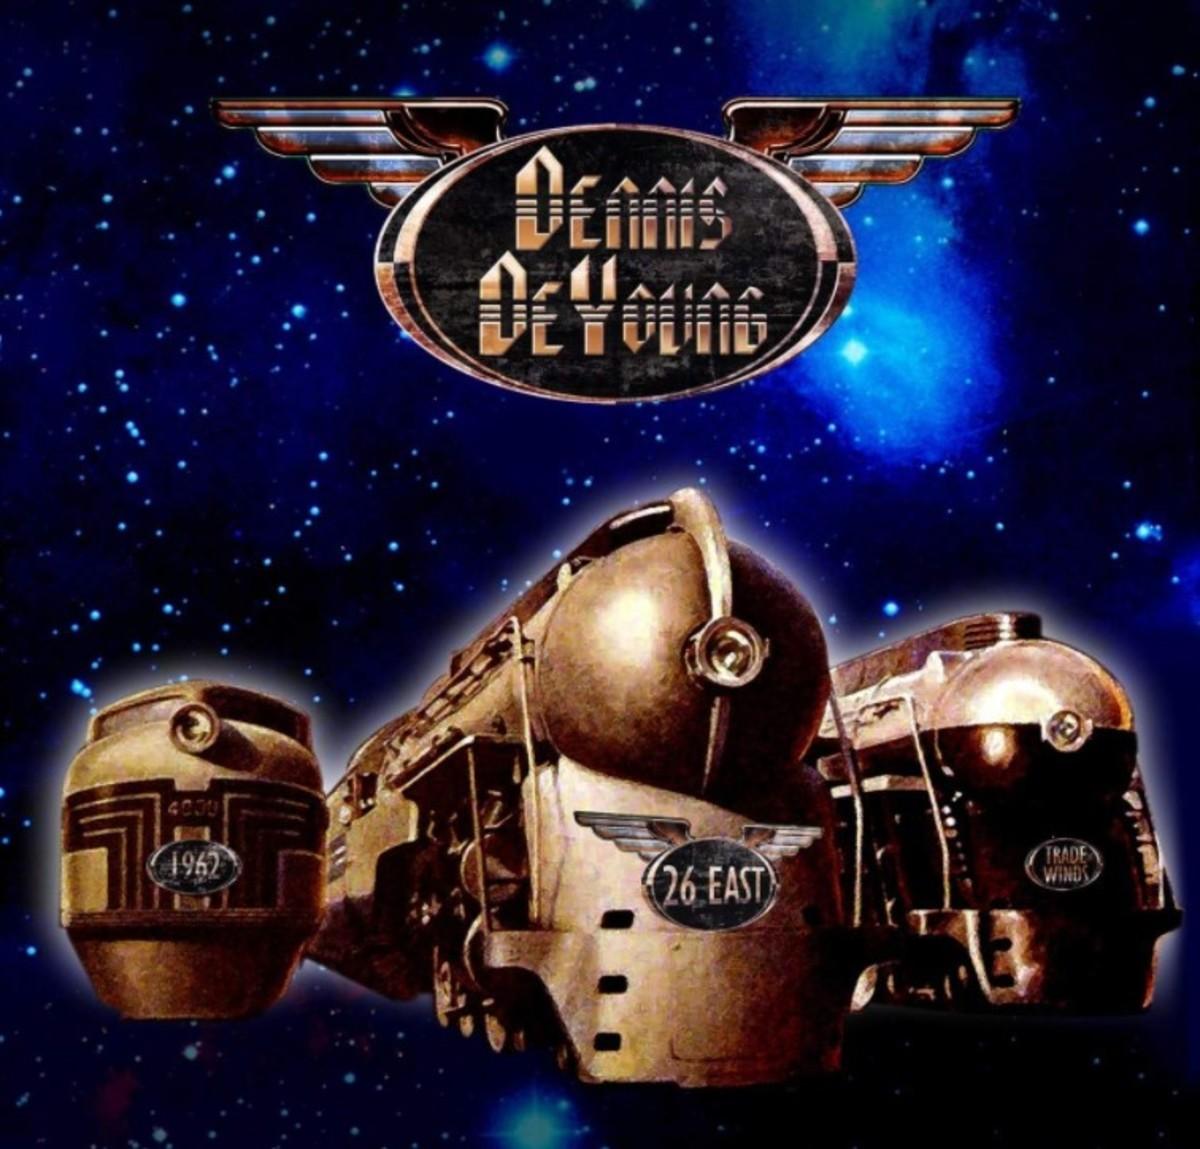 Dennis De Vol 1